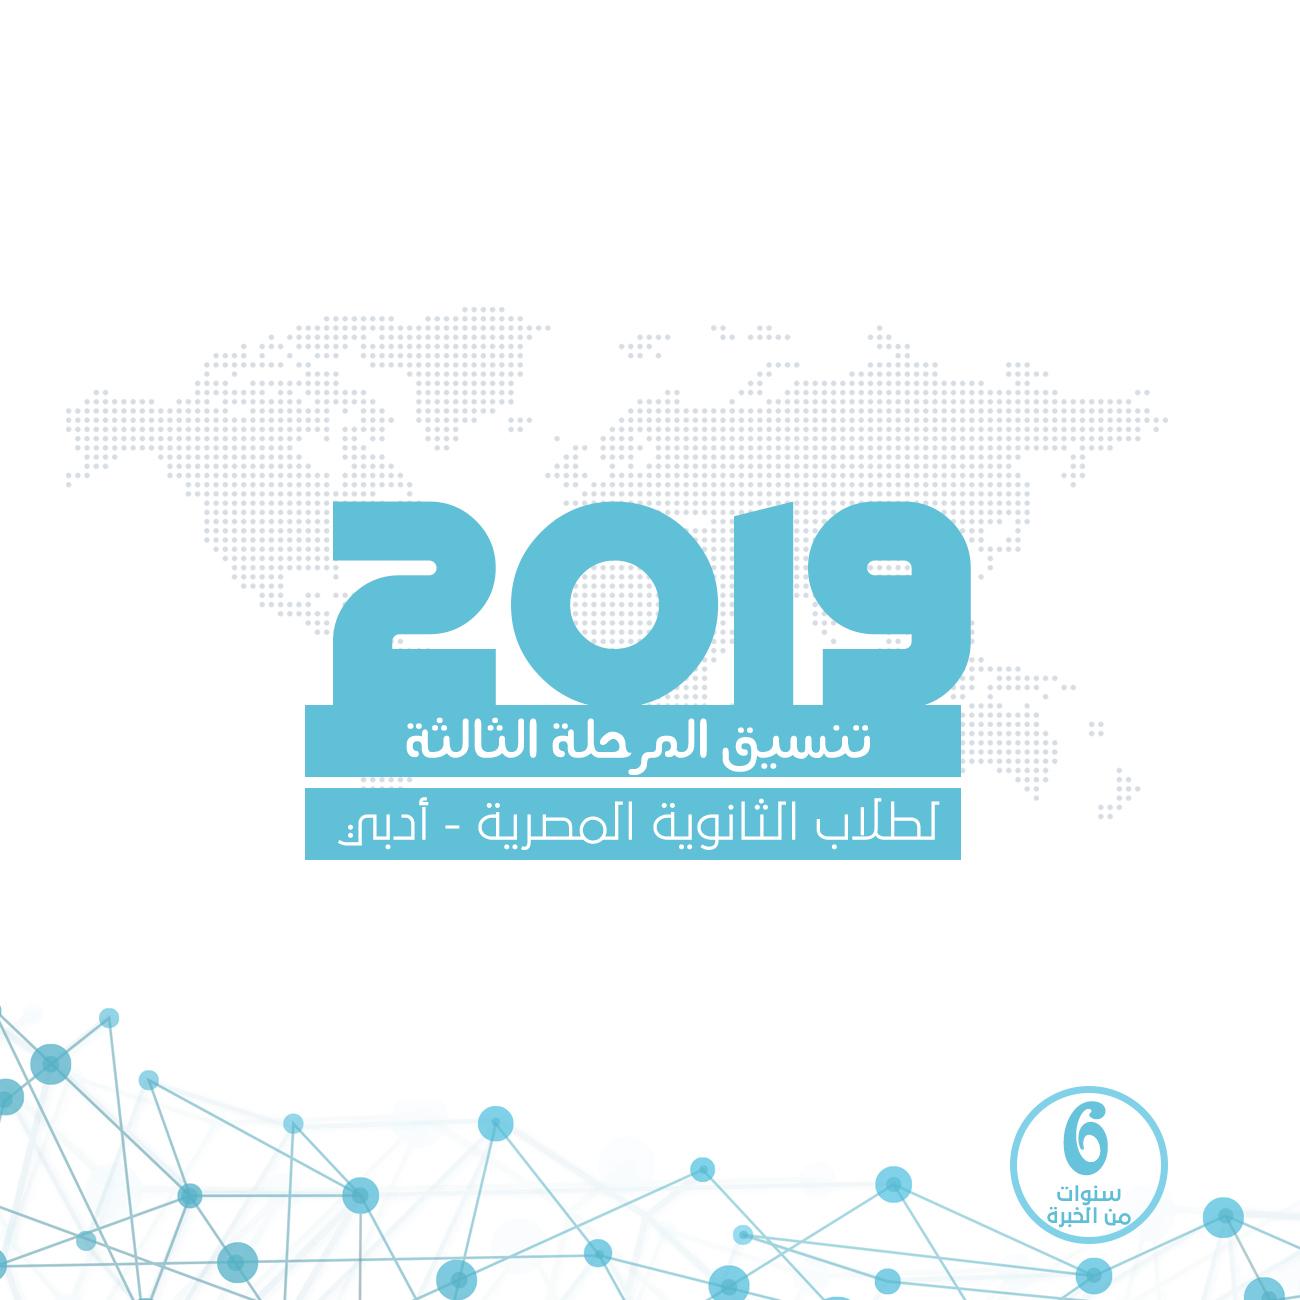 تنسيق المرحلة الثالثة للثانوية العامة المصرية (أدبي) مع النسبة المئوية -2019-